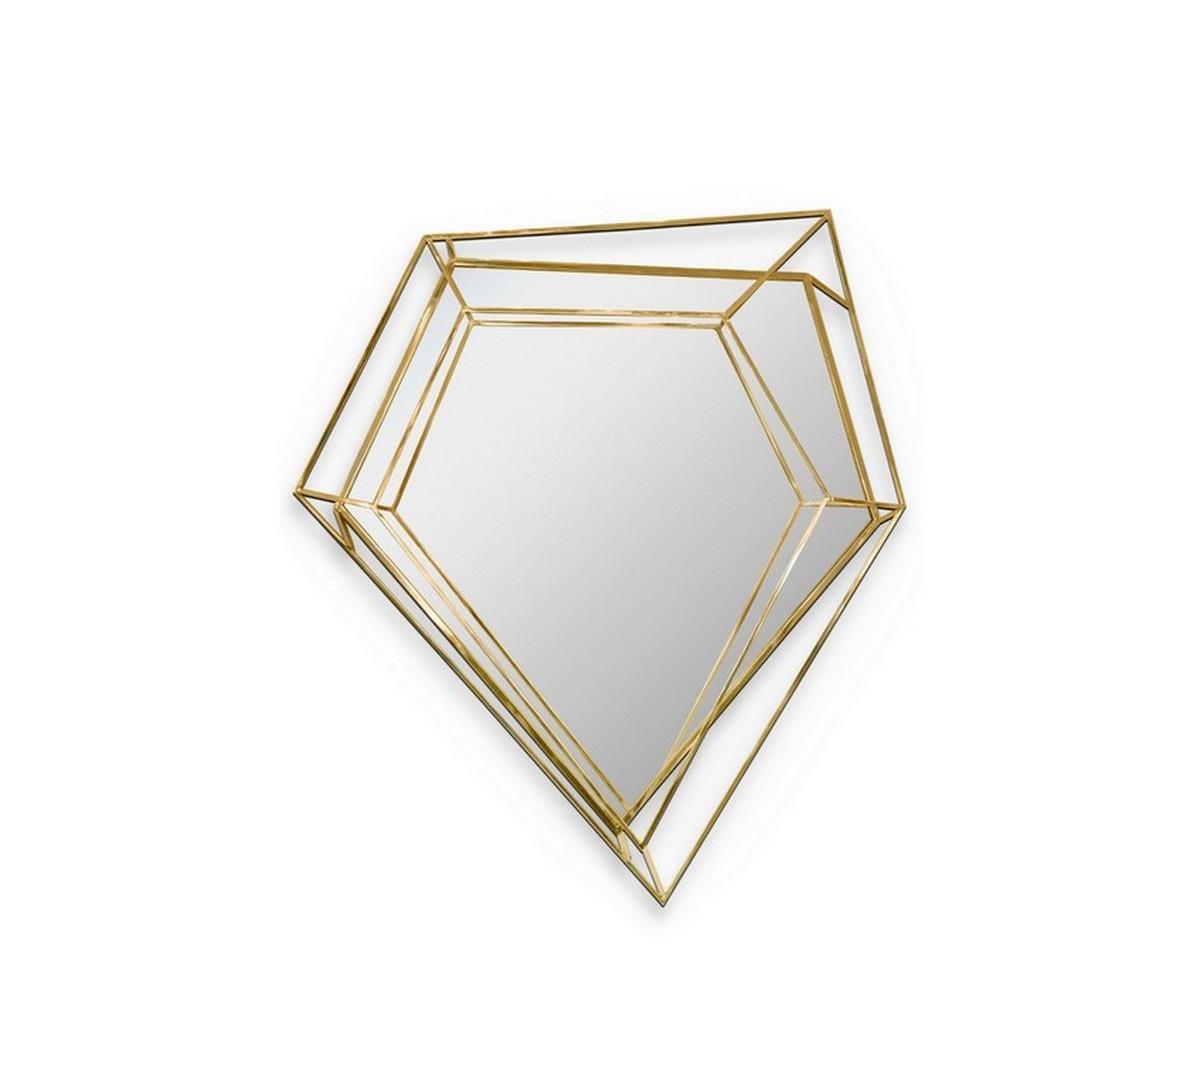 Espejos excluisvos: Piezas elegantes y lujuosas para un proyecto perfecto espejos exclusivos Espejos exclusivos: Piezas elegantes y lujuosas para un proyecto perfecto diamnd2